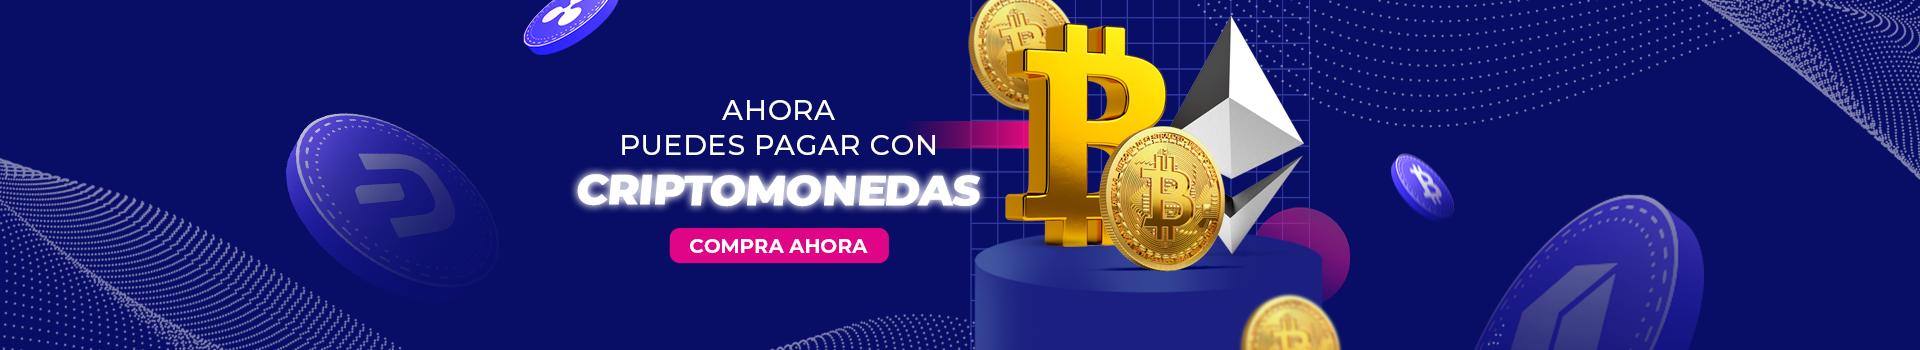 Paga tu compra con Bitcoin o criptomonedas